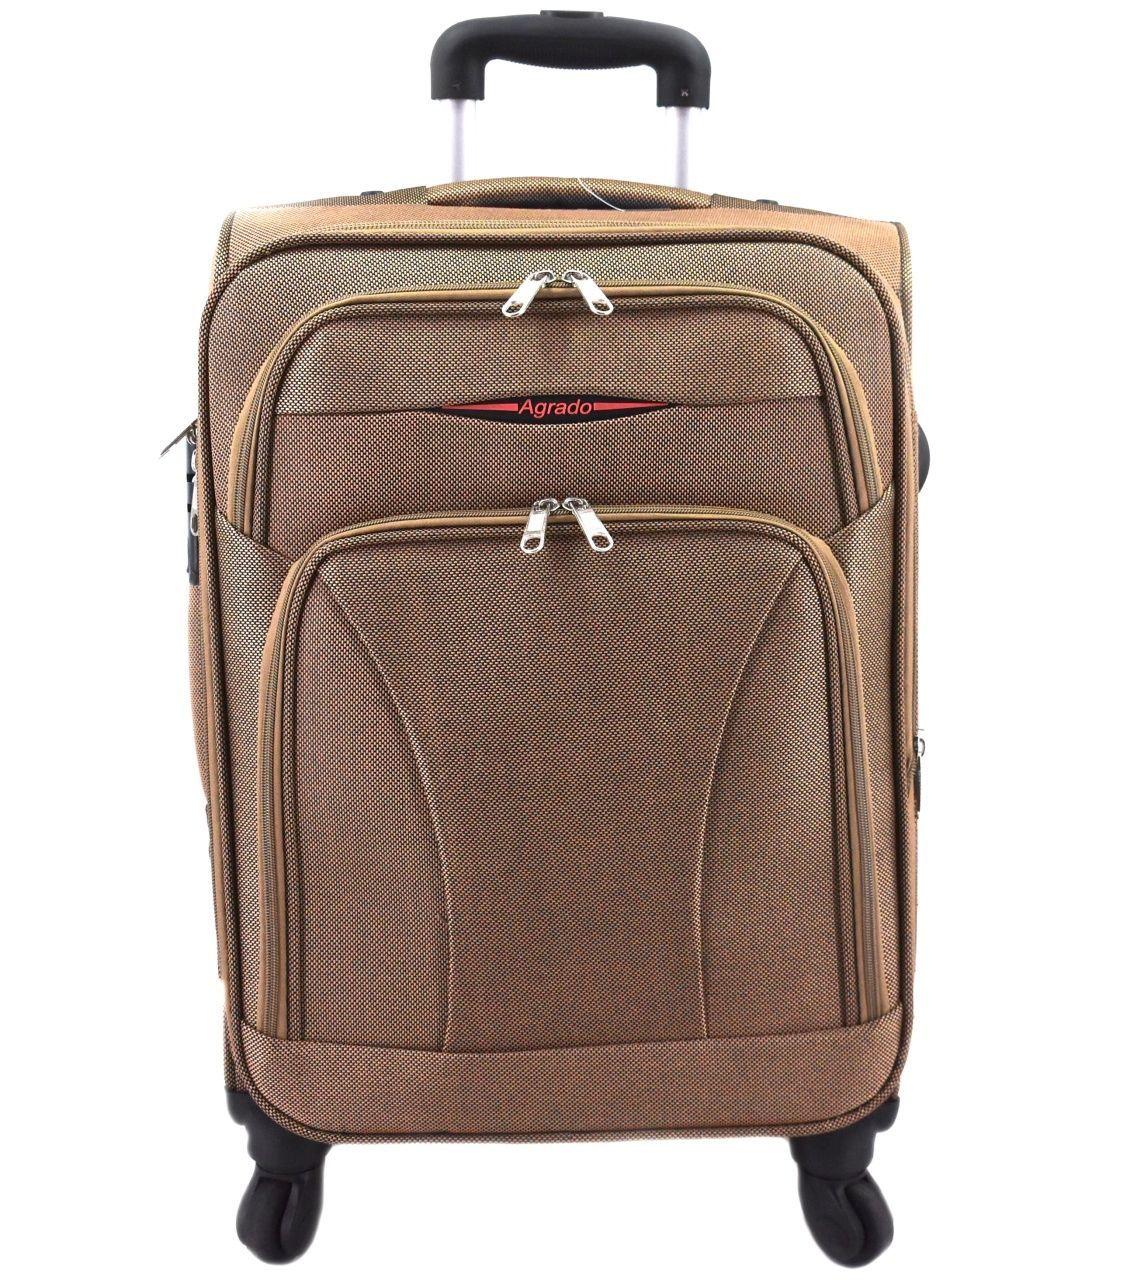 Cestovní textilní kufr na čtyřech kolečkách Agrado (XS) 35l - béžová 8021 (SX)